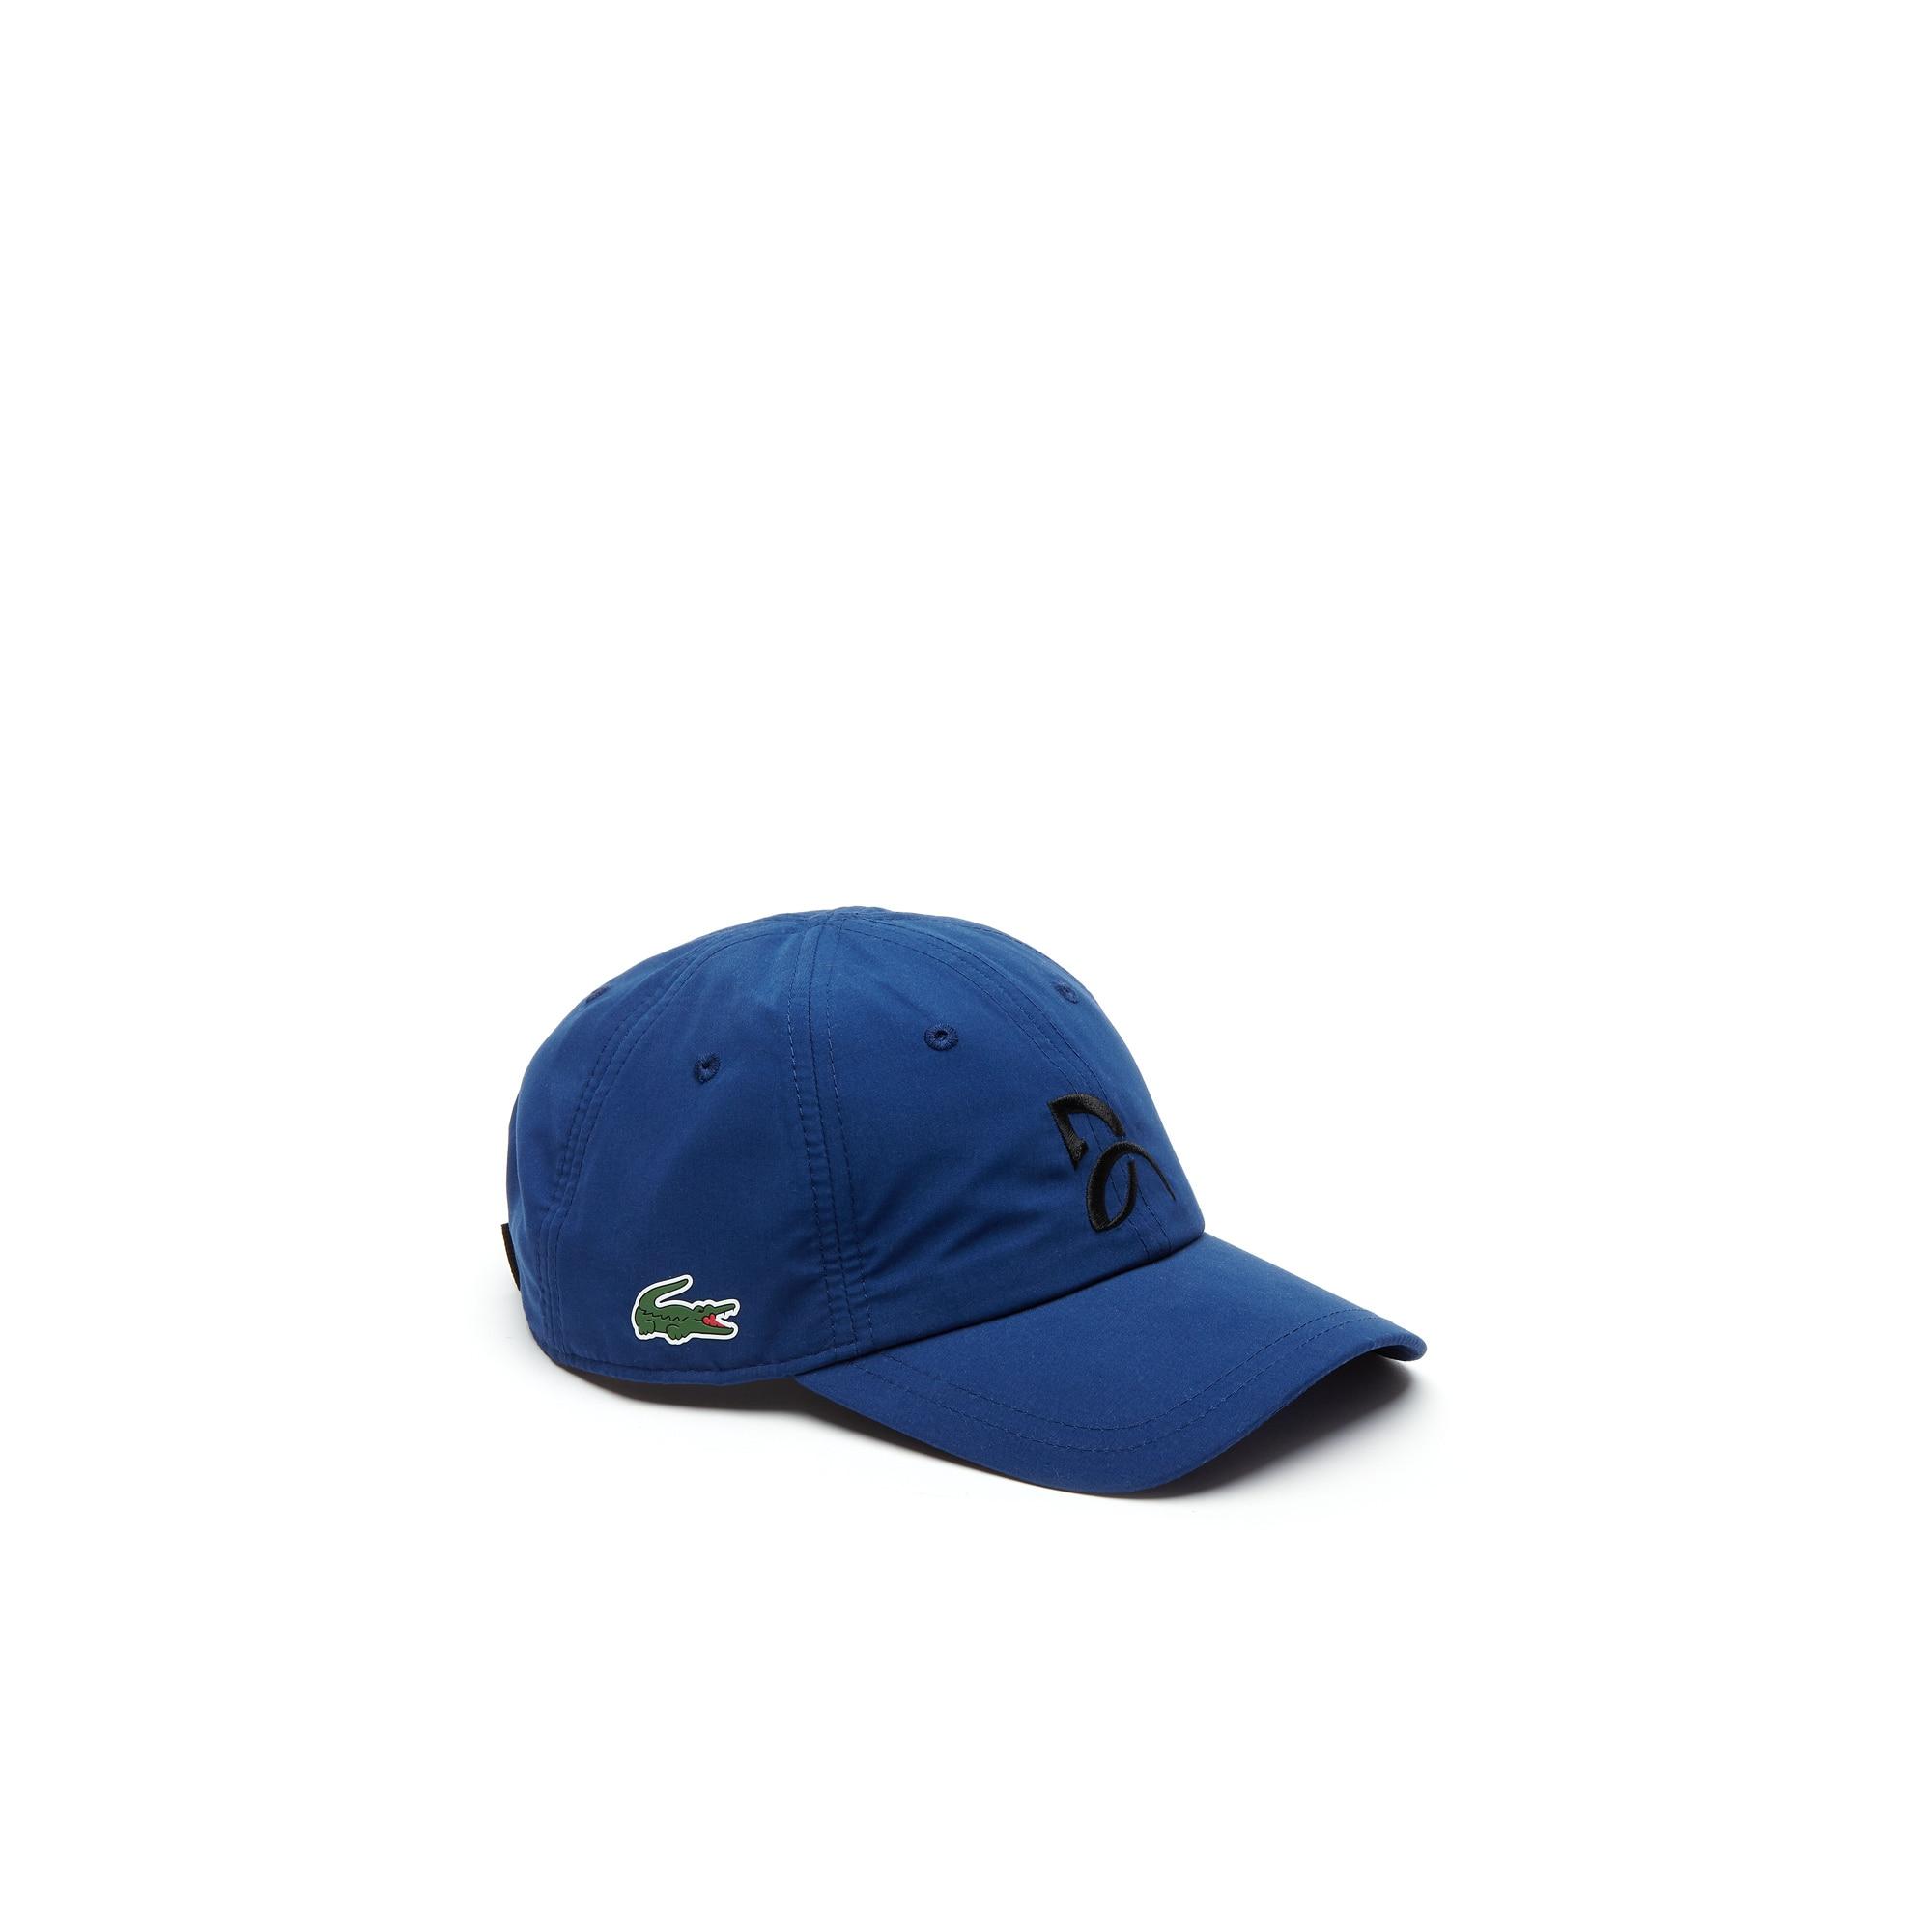 Herren Schirmmütze Aus Mikrofaser Lacoste Sport Tennis Kappe - Support With Style Kollektion